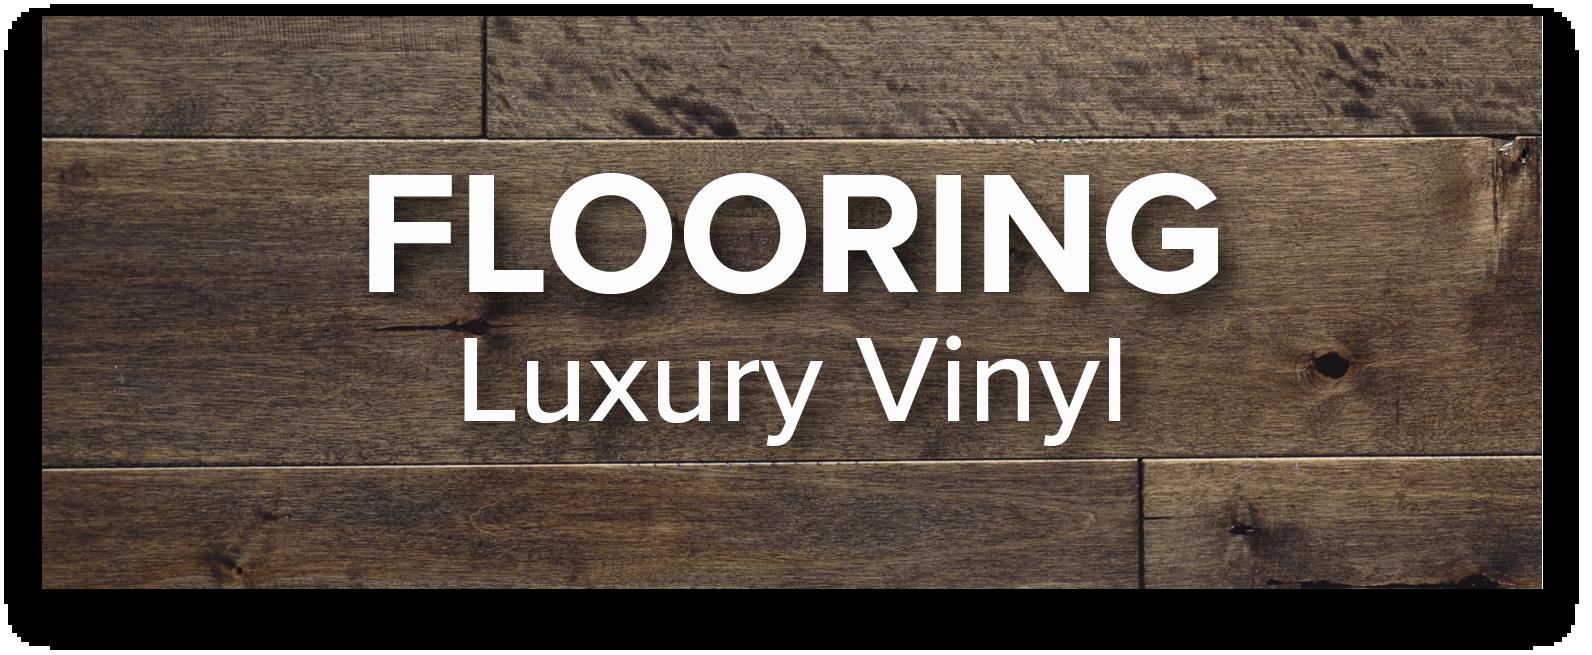 Flooring - Luxury Vinyl.png